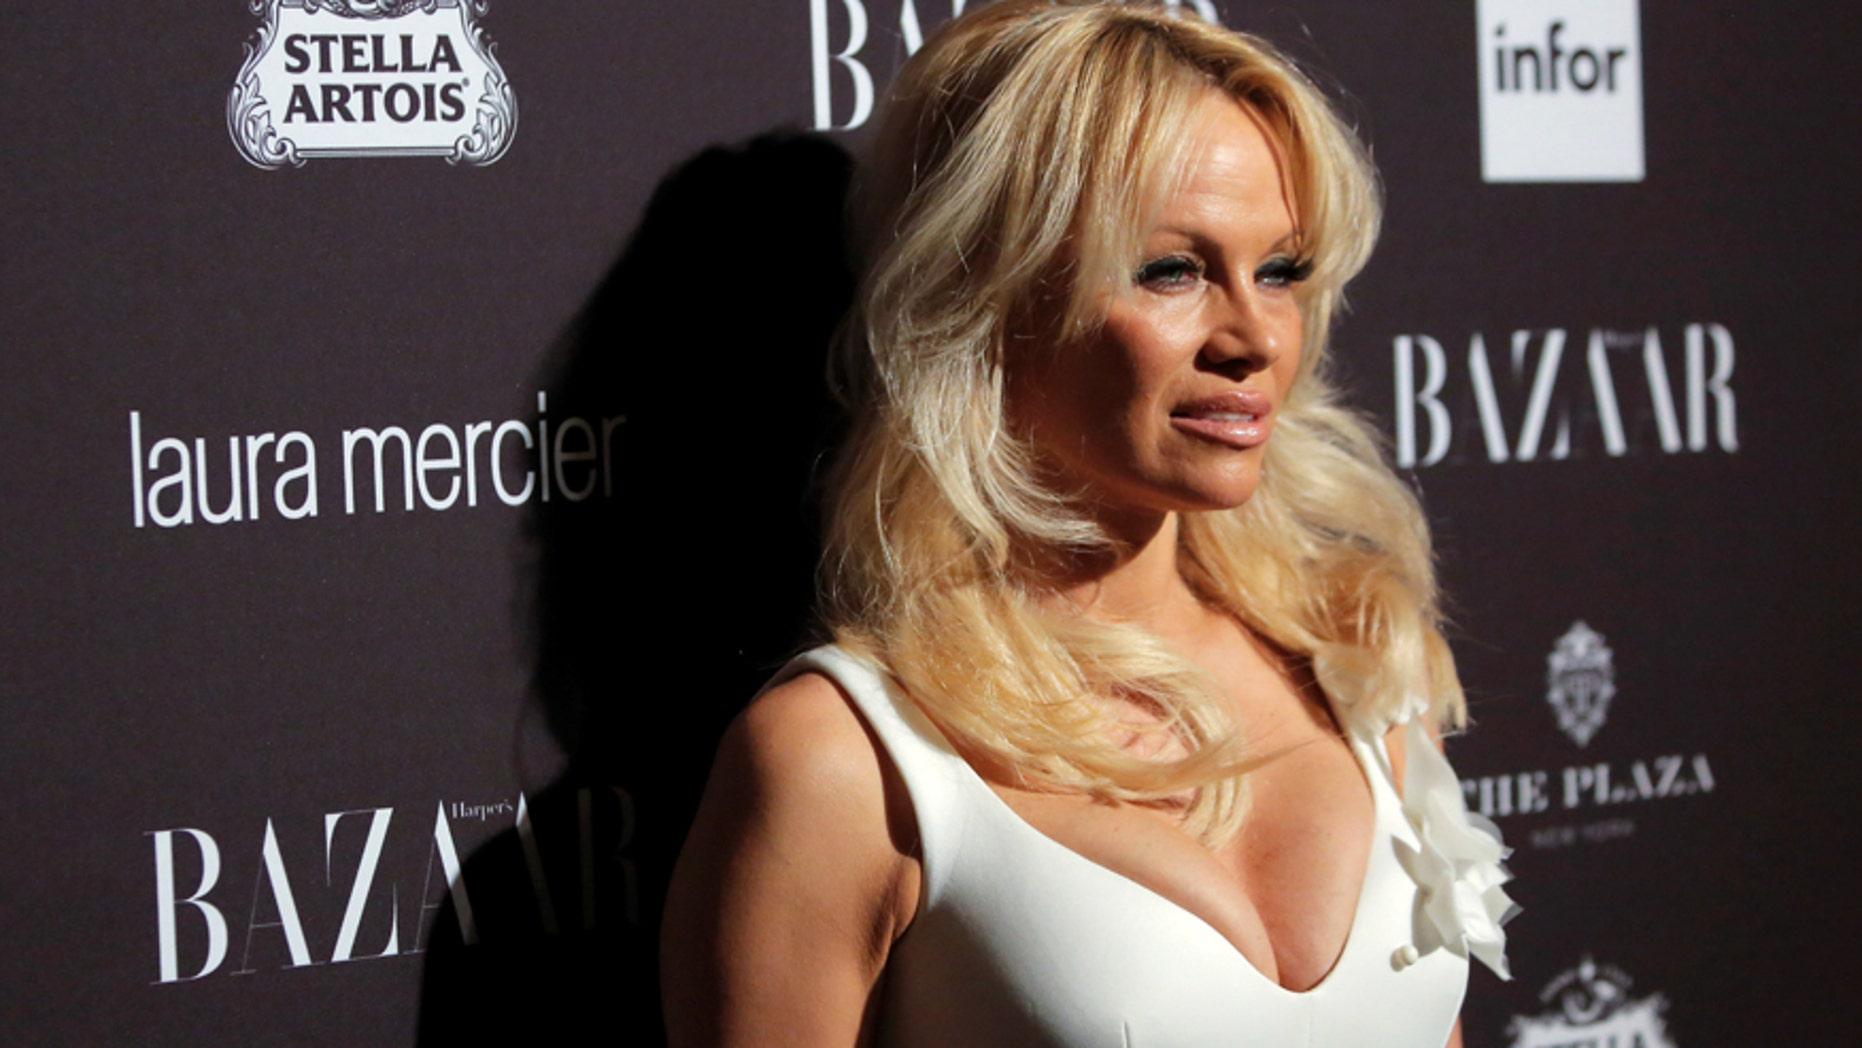 Fotos Pamela Anderson Nudes 27 Photos, Boobs-7365